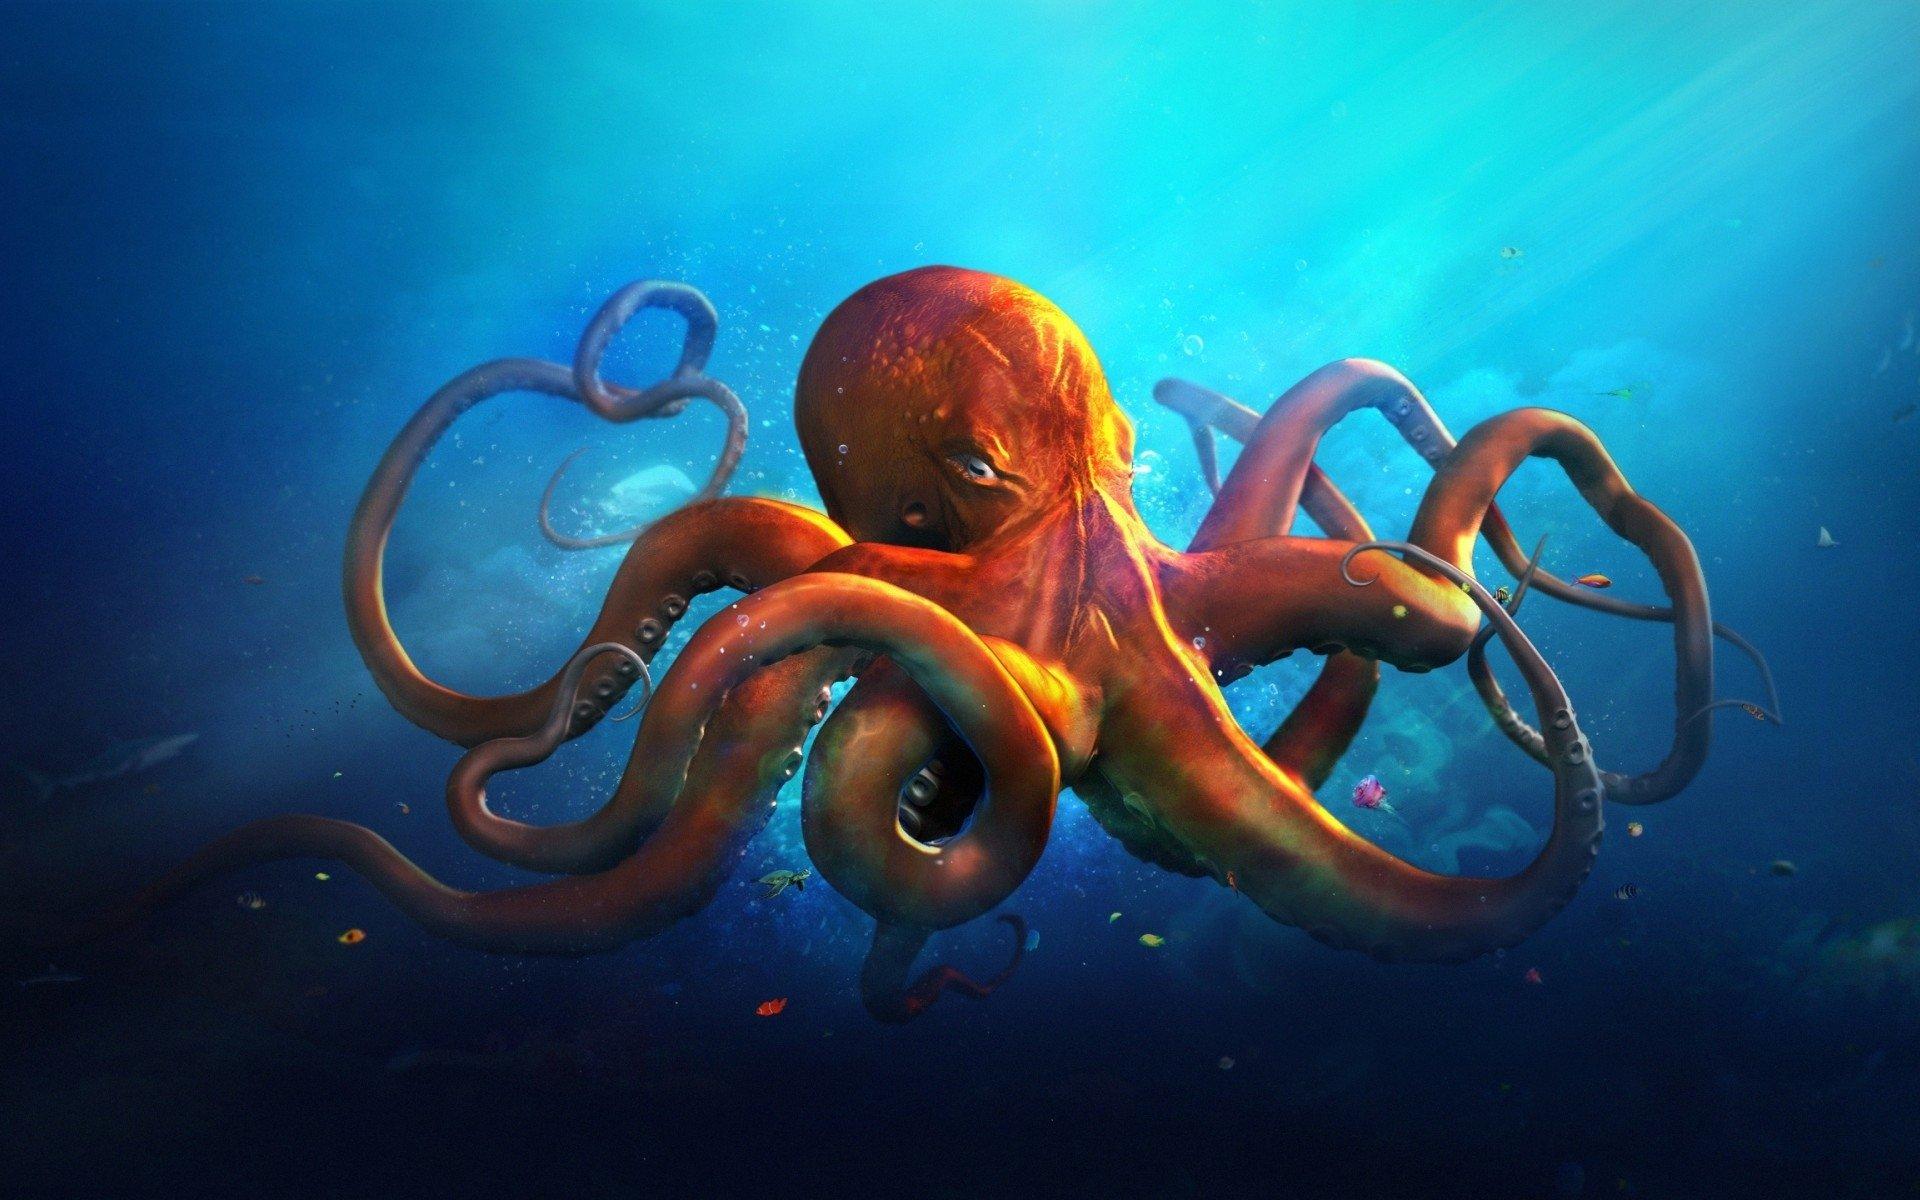 27 Octopus HD Wallpapers